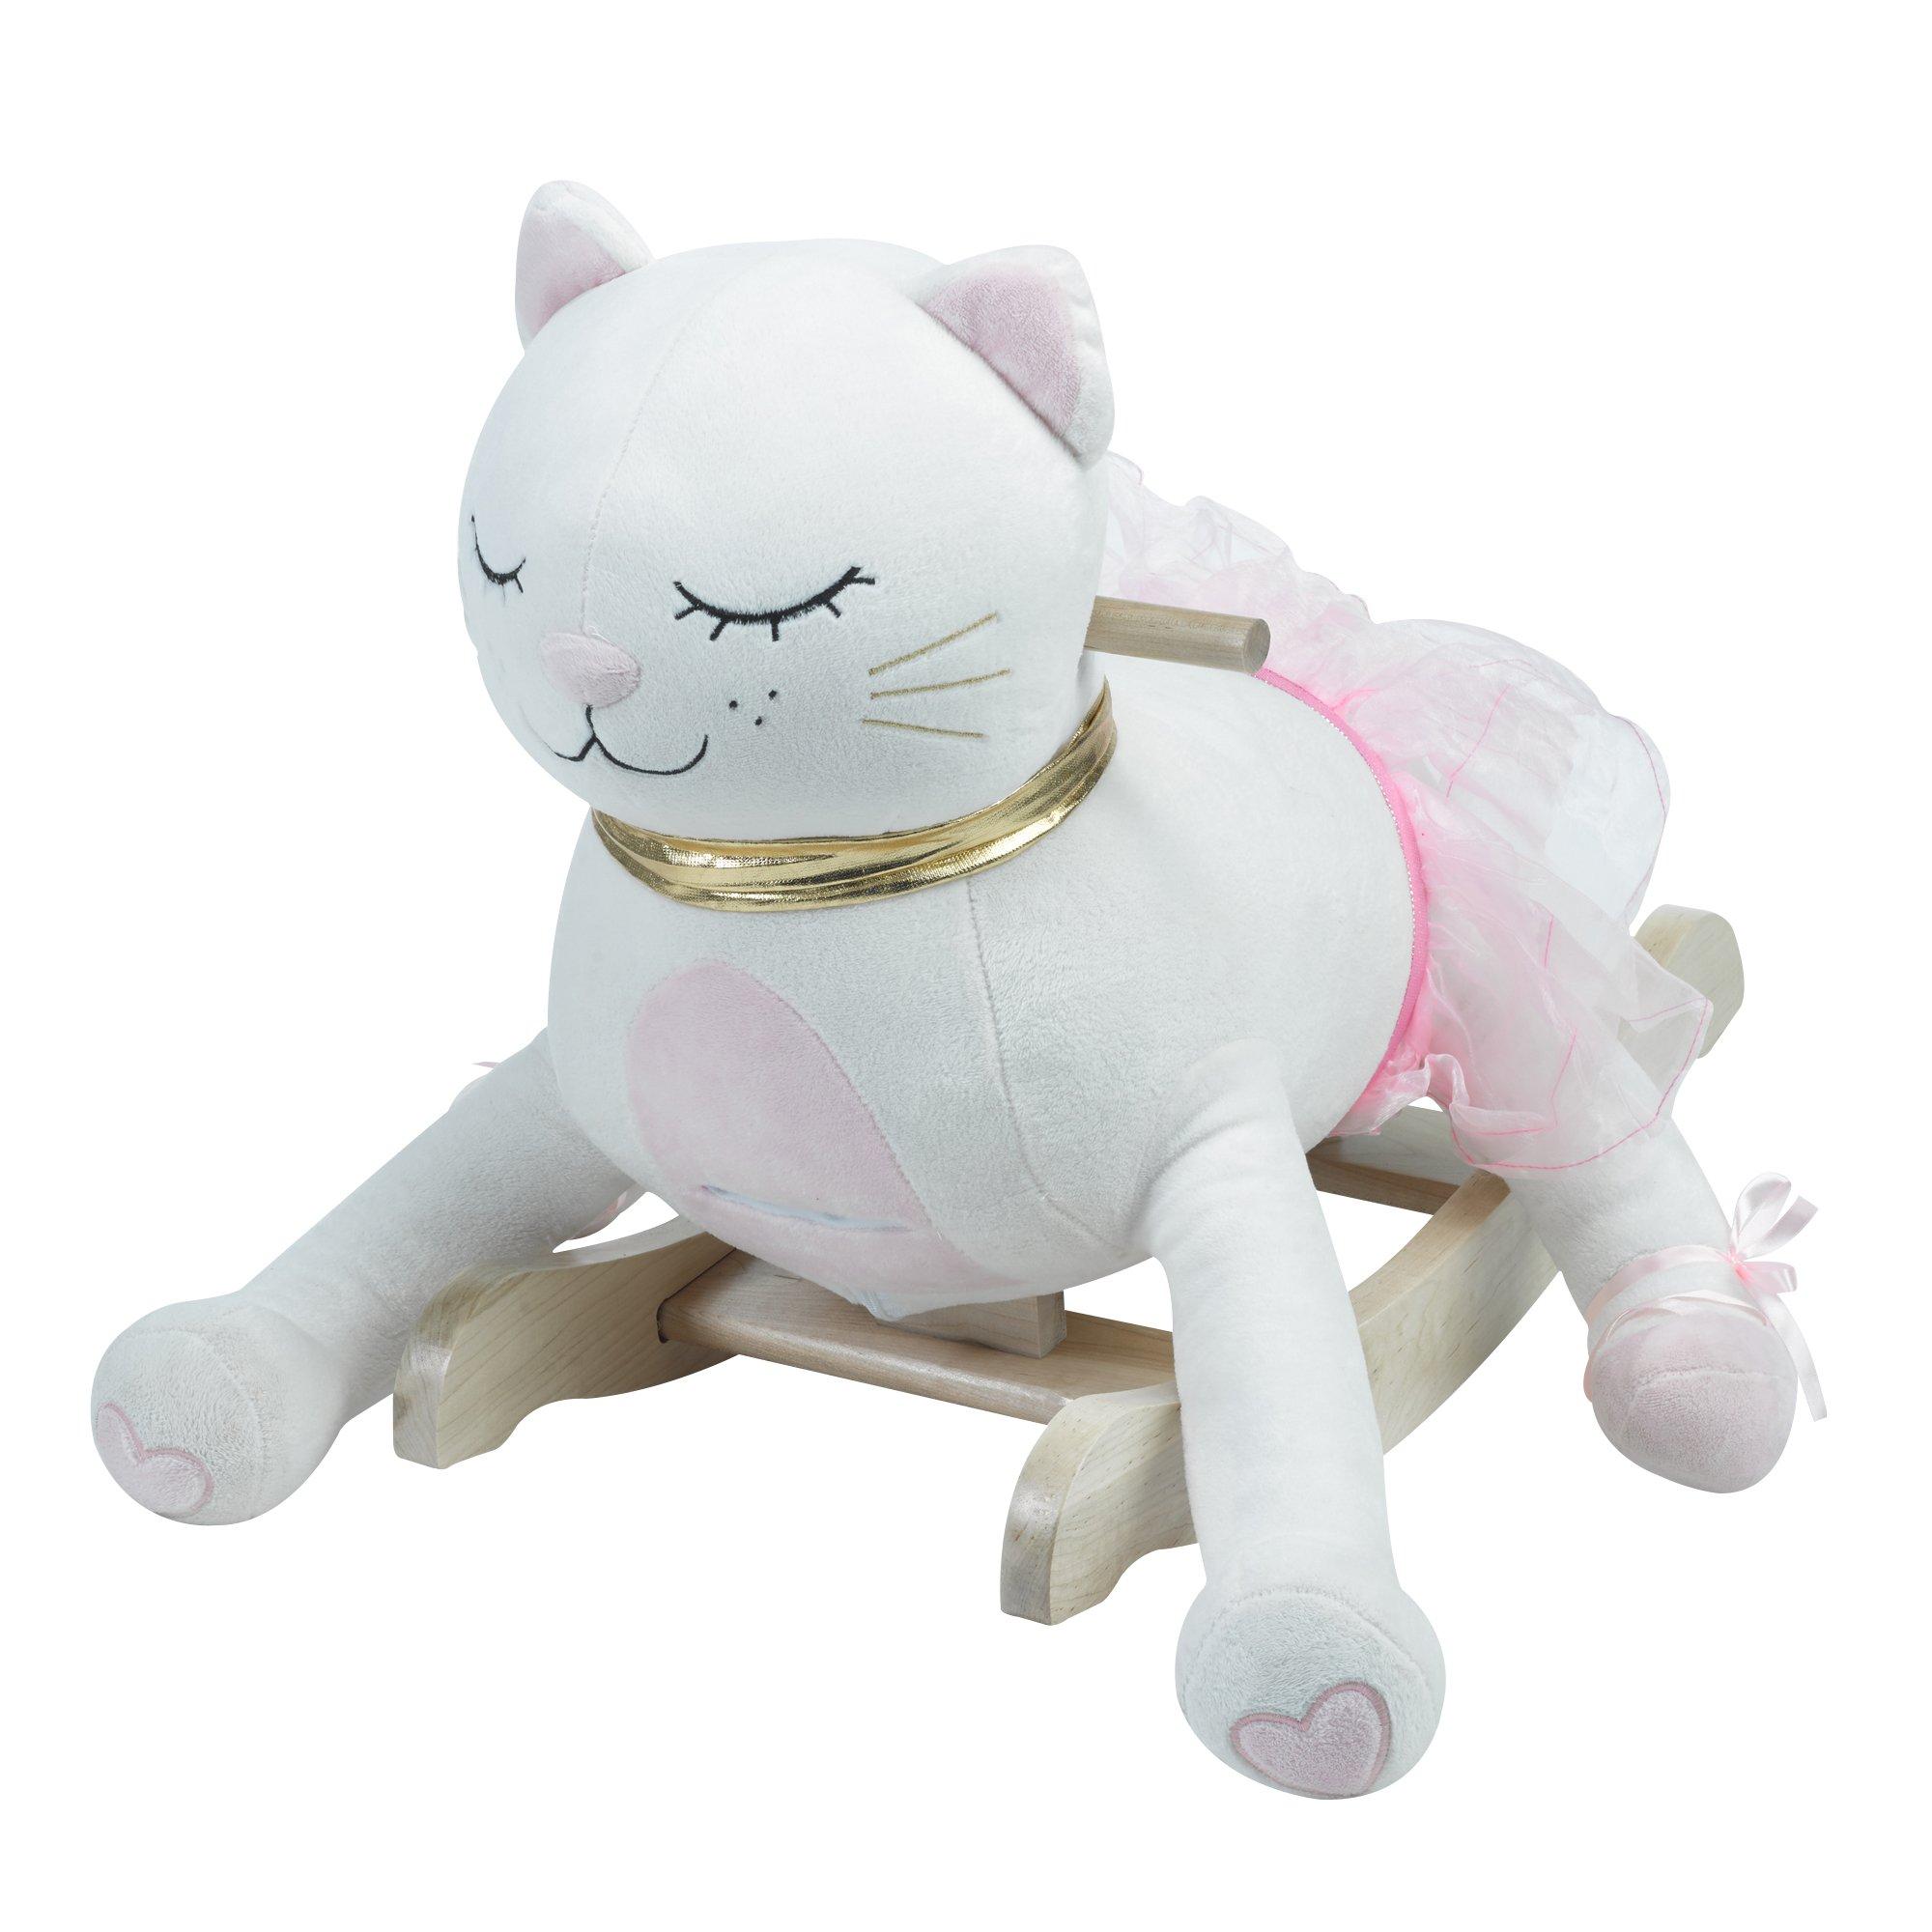 Rockabye 85077 Party Kitty Rocker, Multi